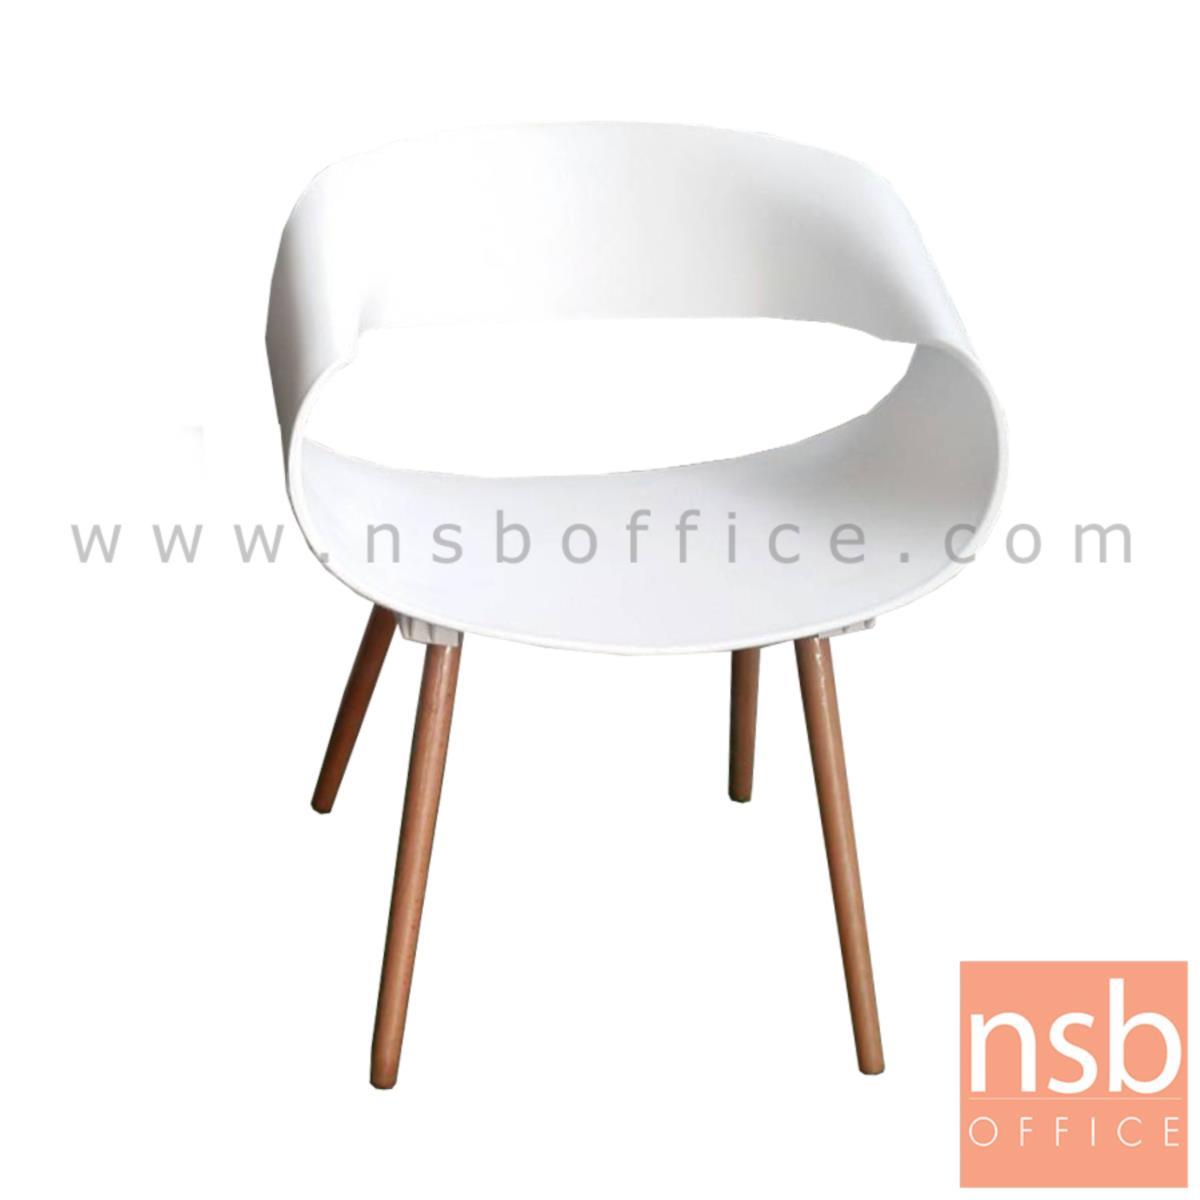 เก้าอี้โมเดิร์นพลาสติก(PP) รุ่น PN-9821 ขนาด 61W cm. โครงขาไม้